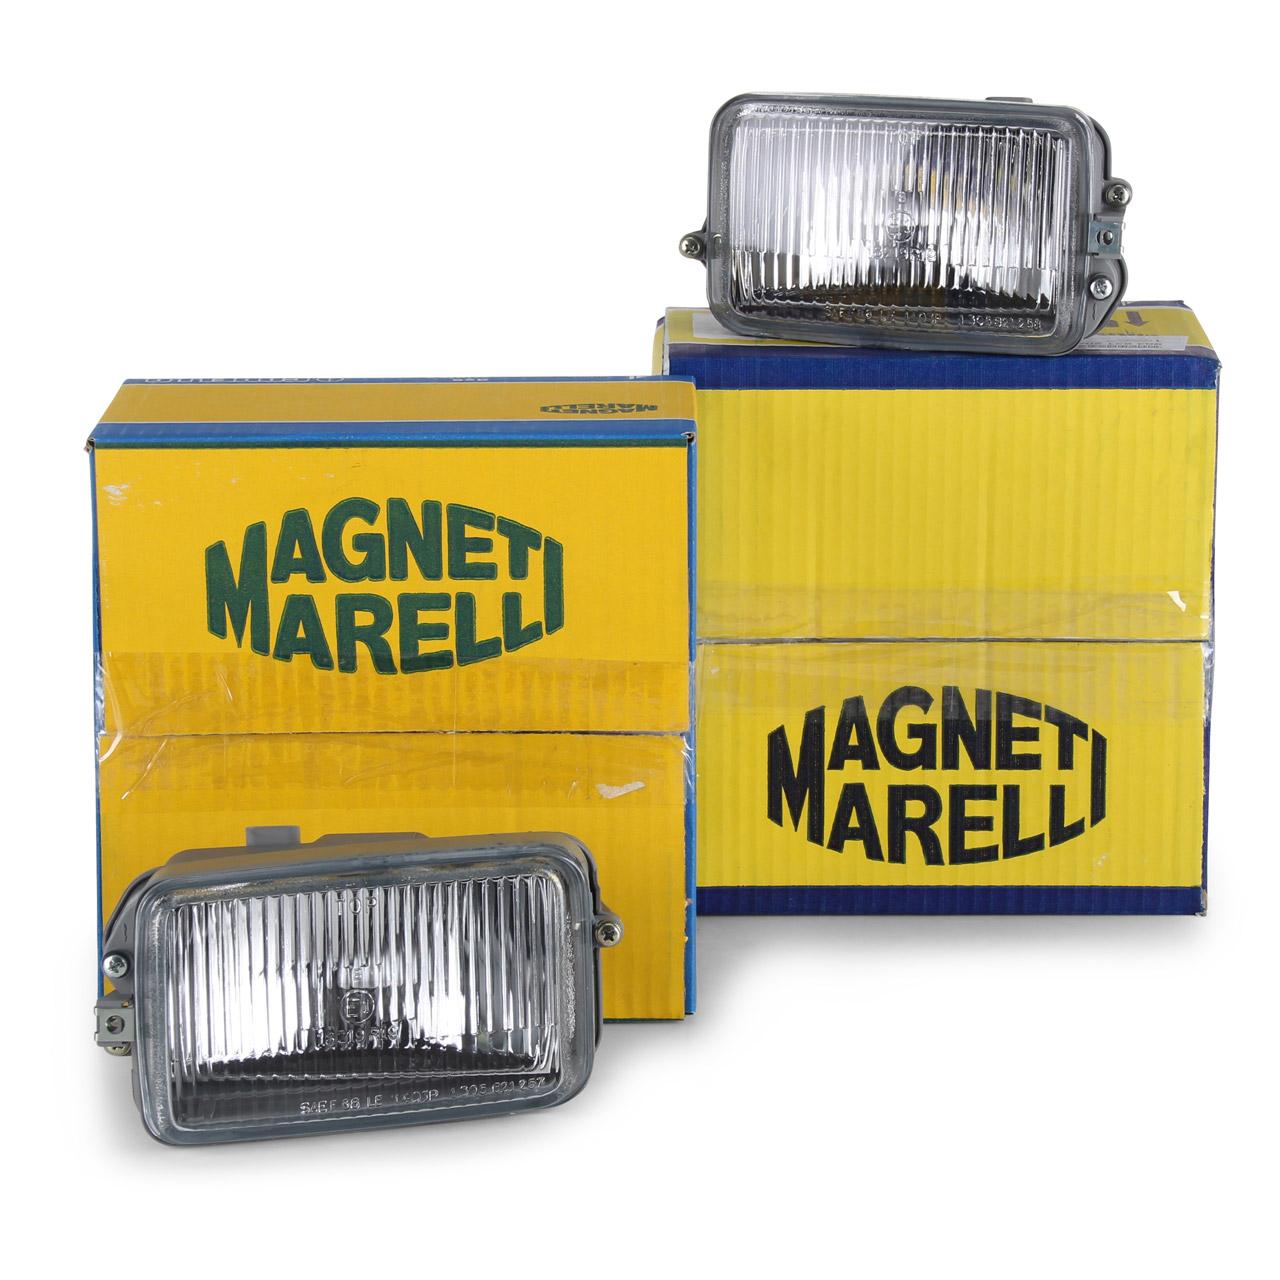 2x MAGNETI MARELLI Nebelscheinwerfer komplett PORSCHE 911 964 links + rechts